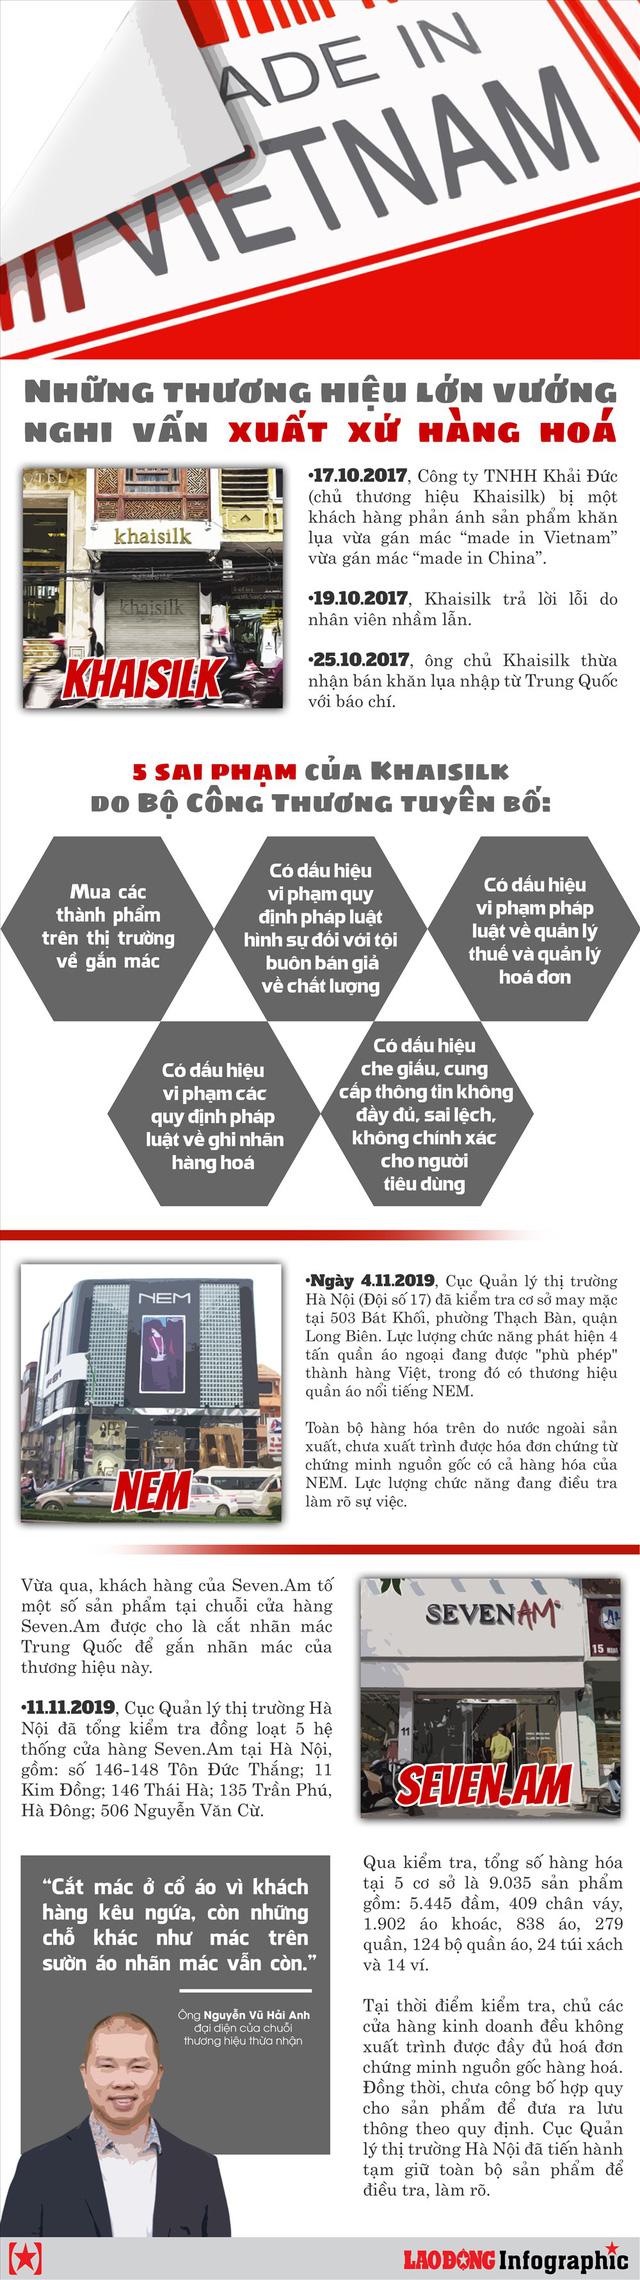 Infographic: Những thương hiệu lớn vướng nghi vấn xuất xứ hàng hoá - Ảnh 1.